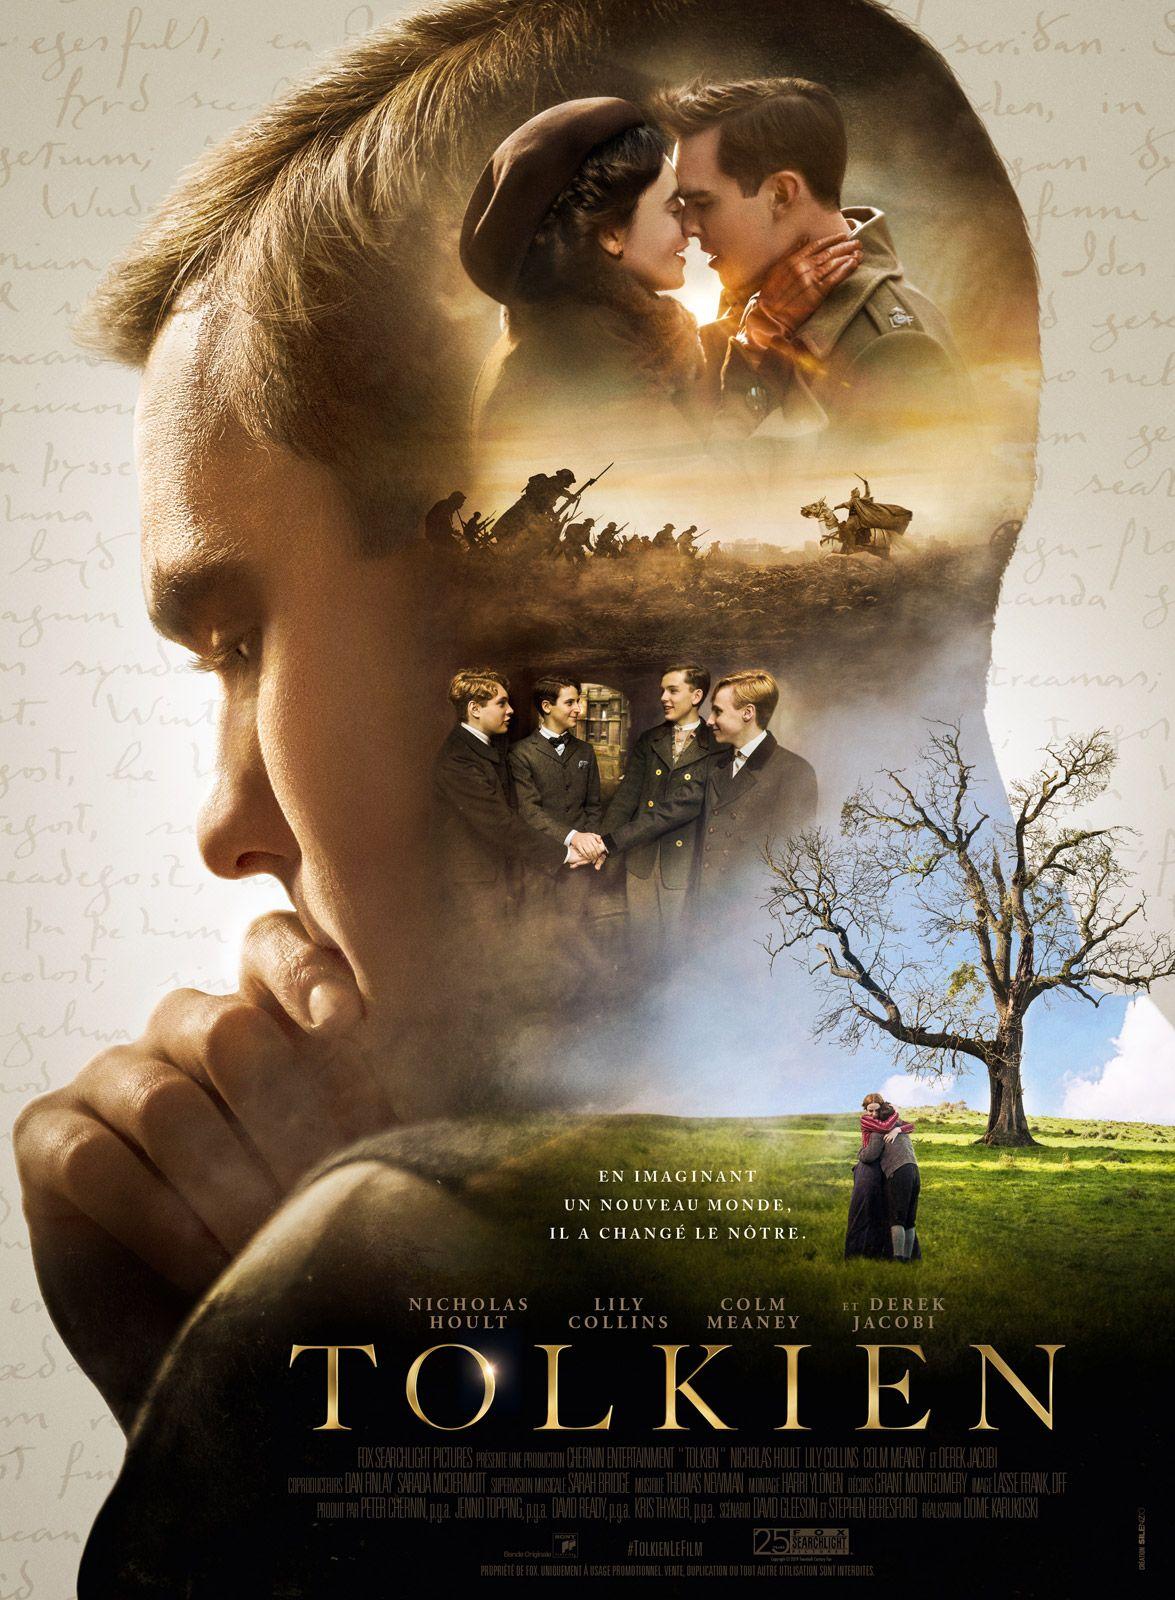 Pin De Milena Pataro Em Filmes Series De Epoca Tolkien Filmes